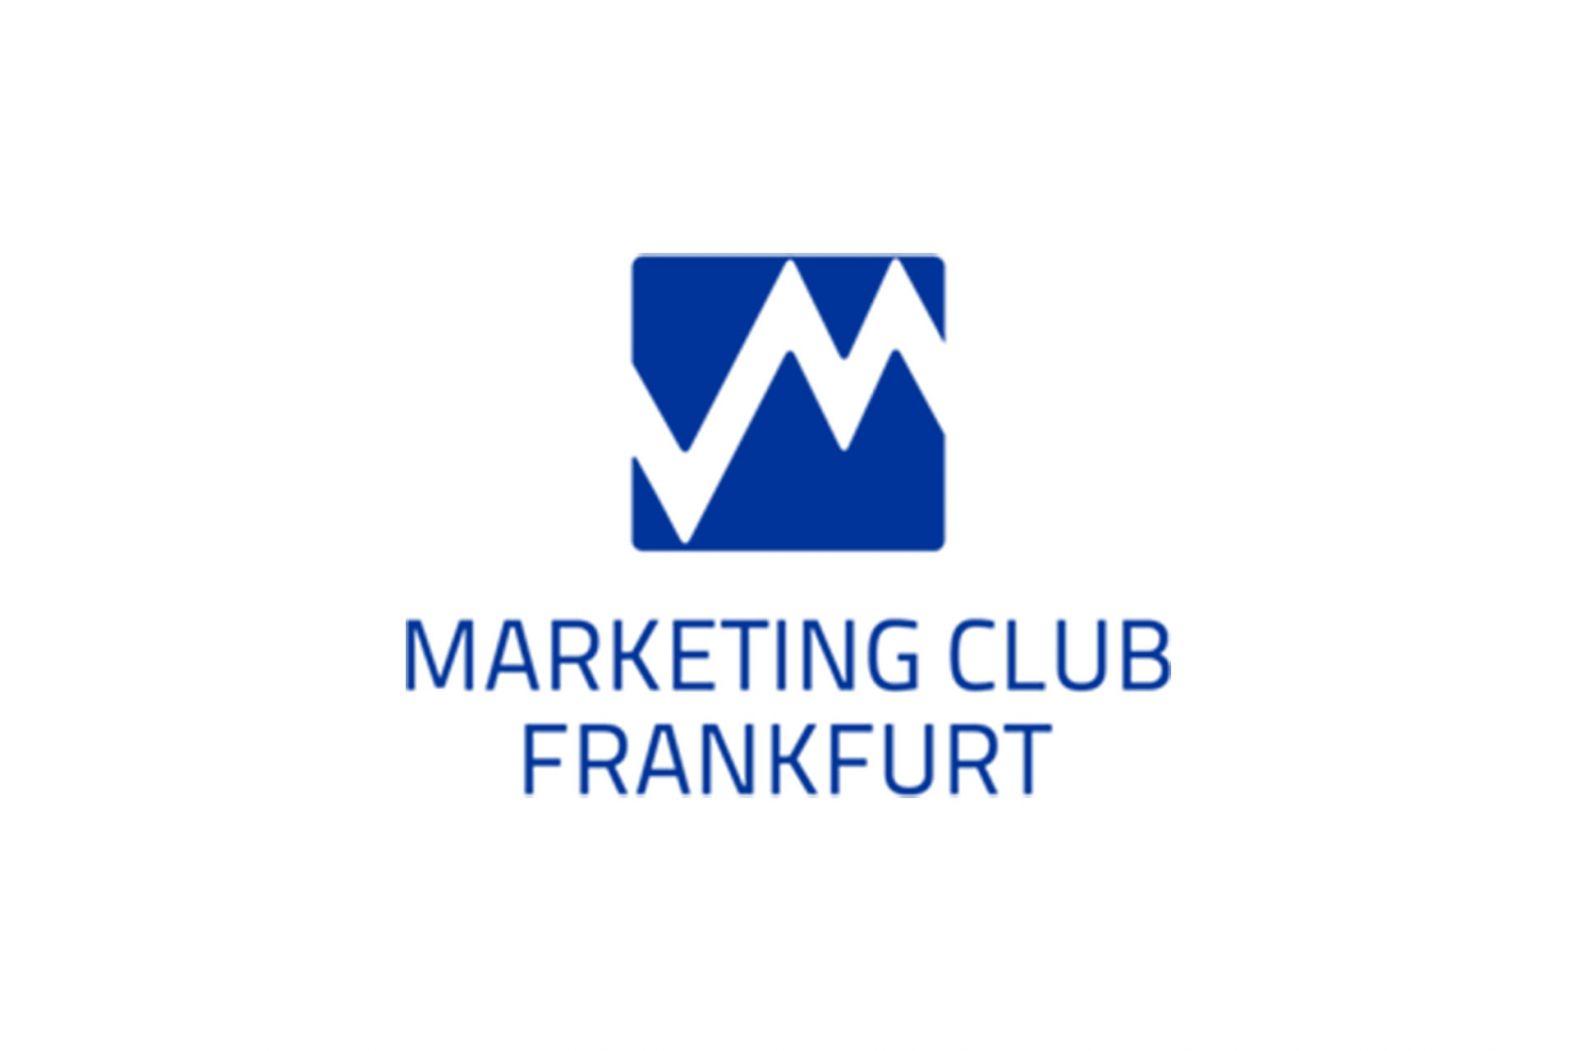 Marketing Club Frankfurt